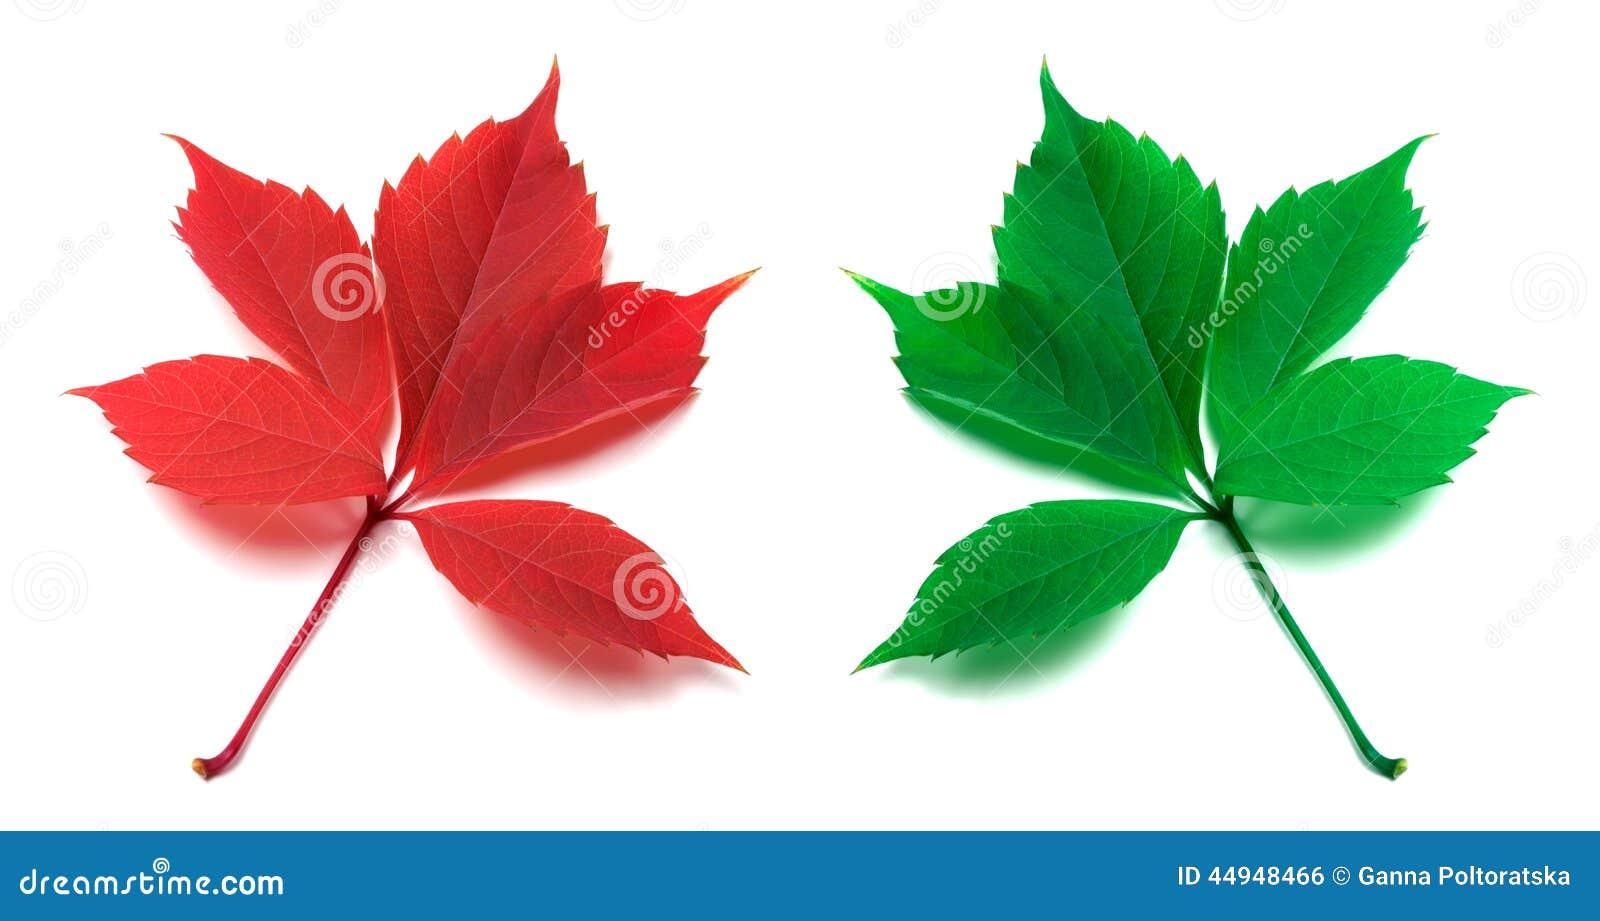 Feuilles rouges et vertes de plante grimpante de virginie photo stock image 44948466 - Plantes vertes bout des feuilles marron ...